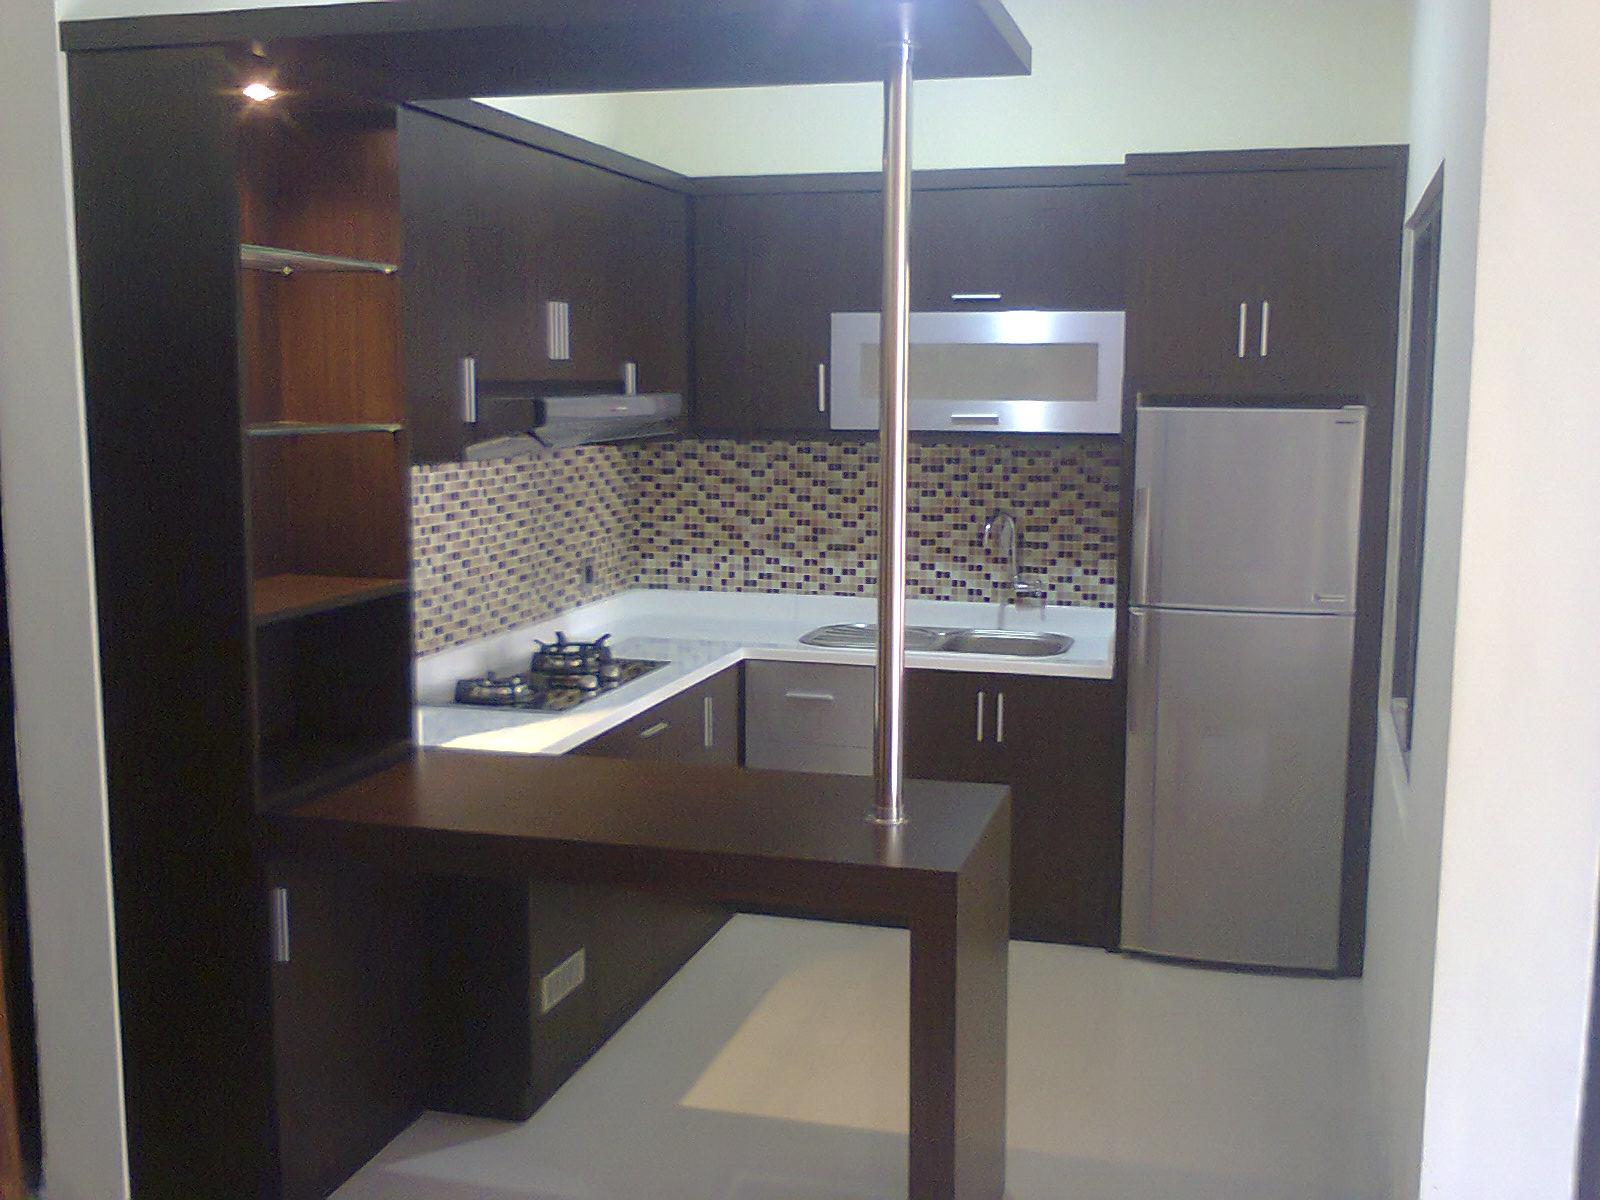 Jual Kitchen Set Murah Di Jogja Jual Kitchen Set Jual Lemari